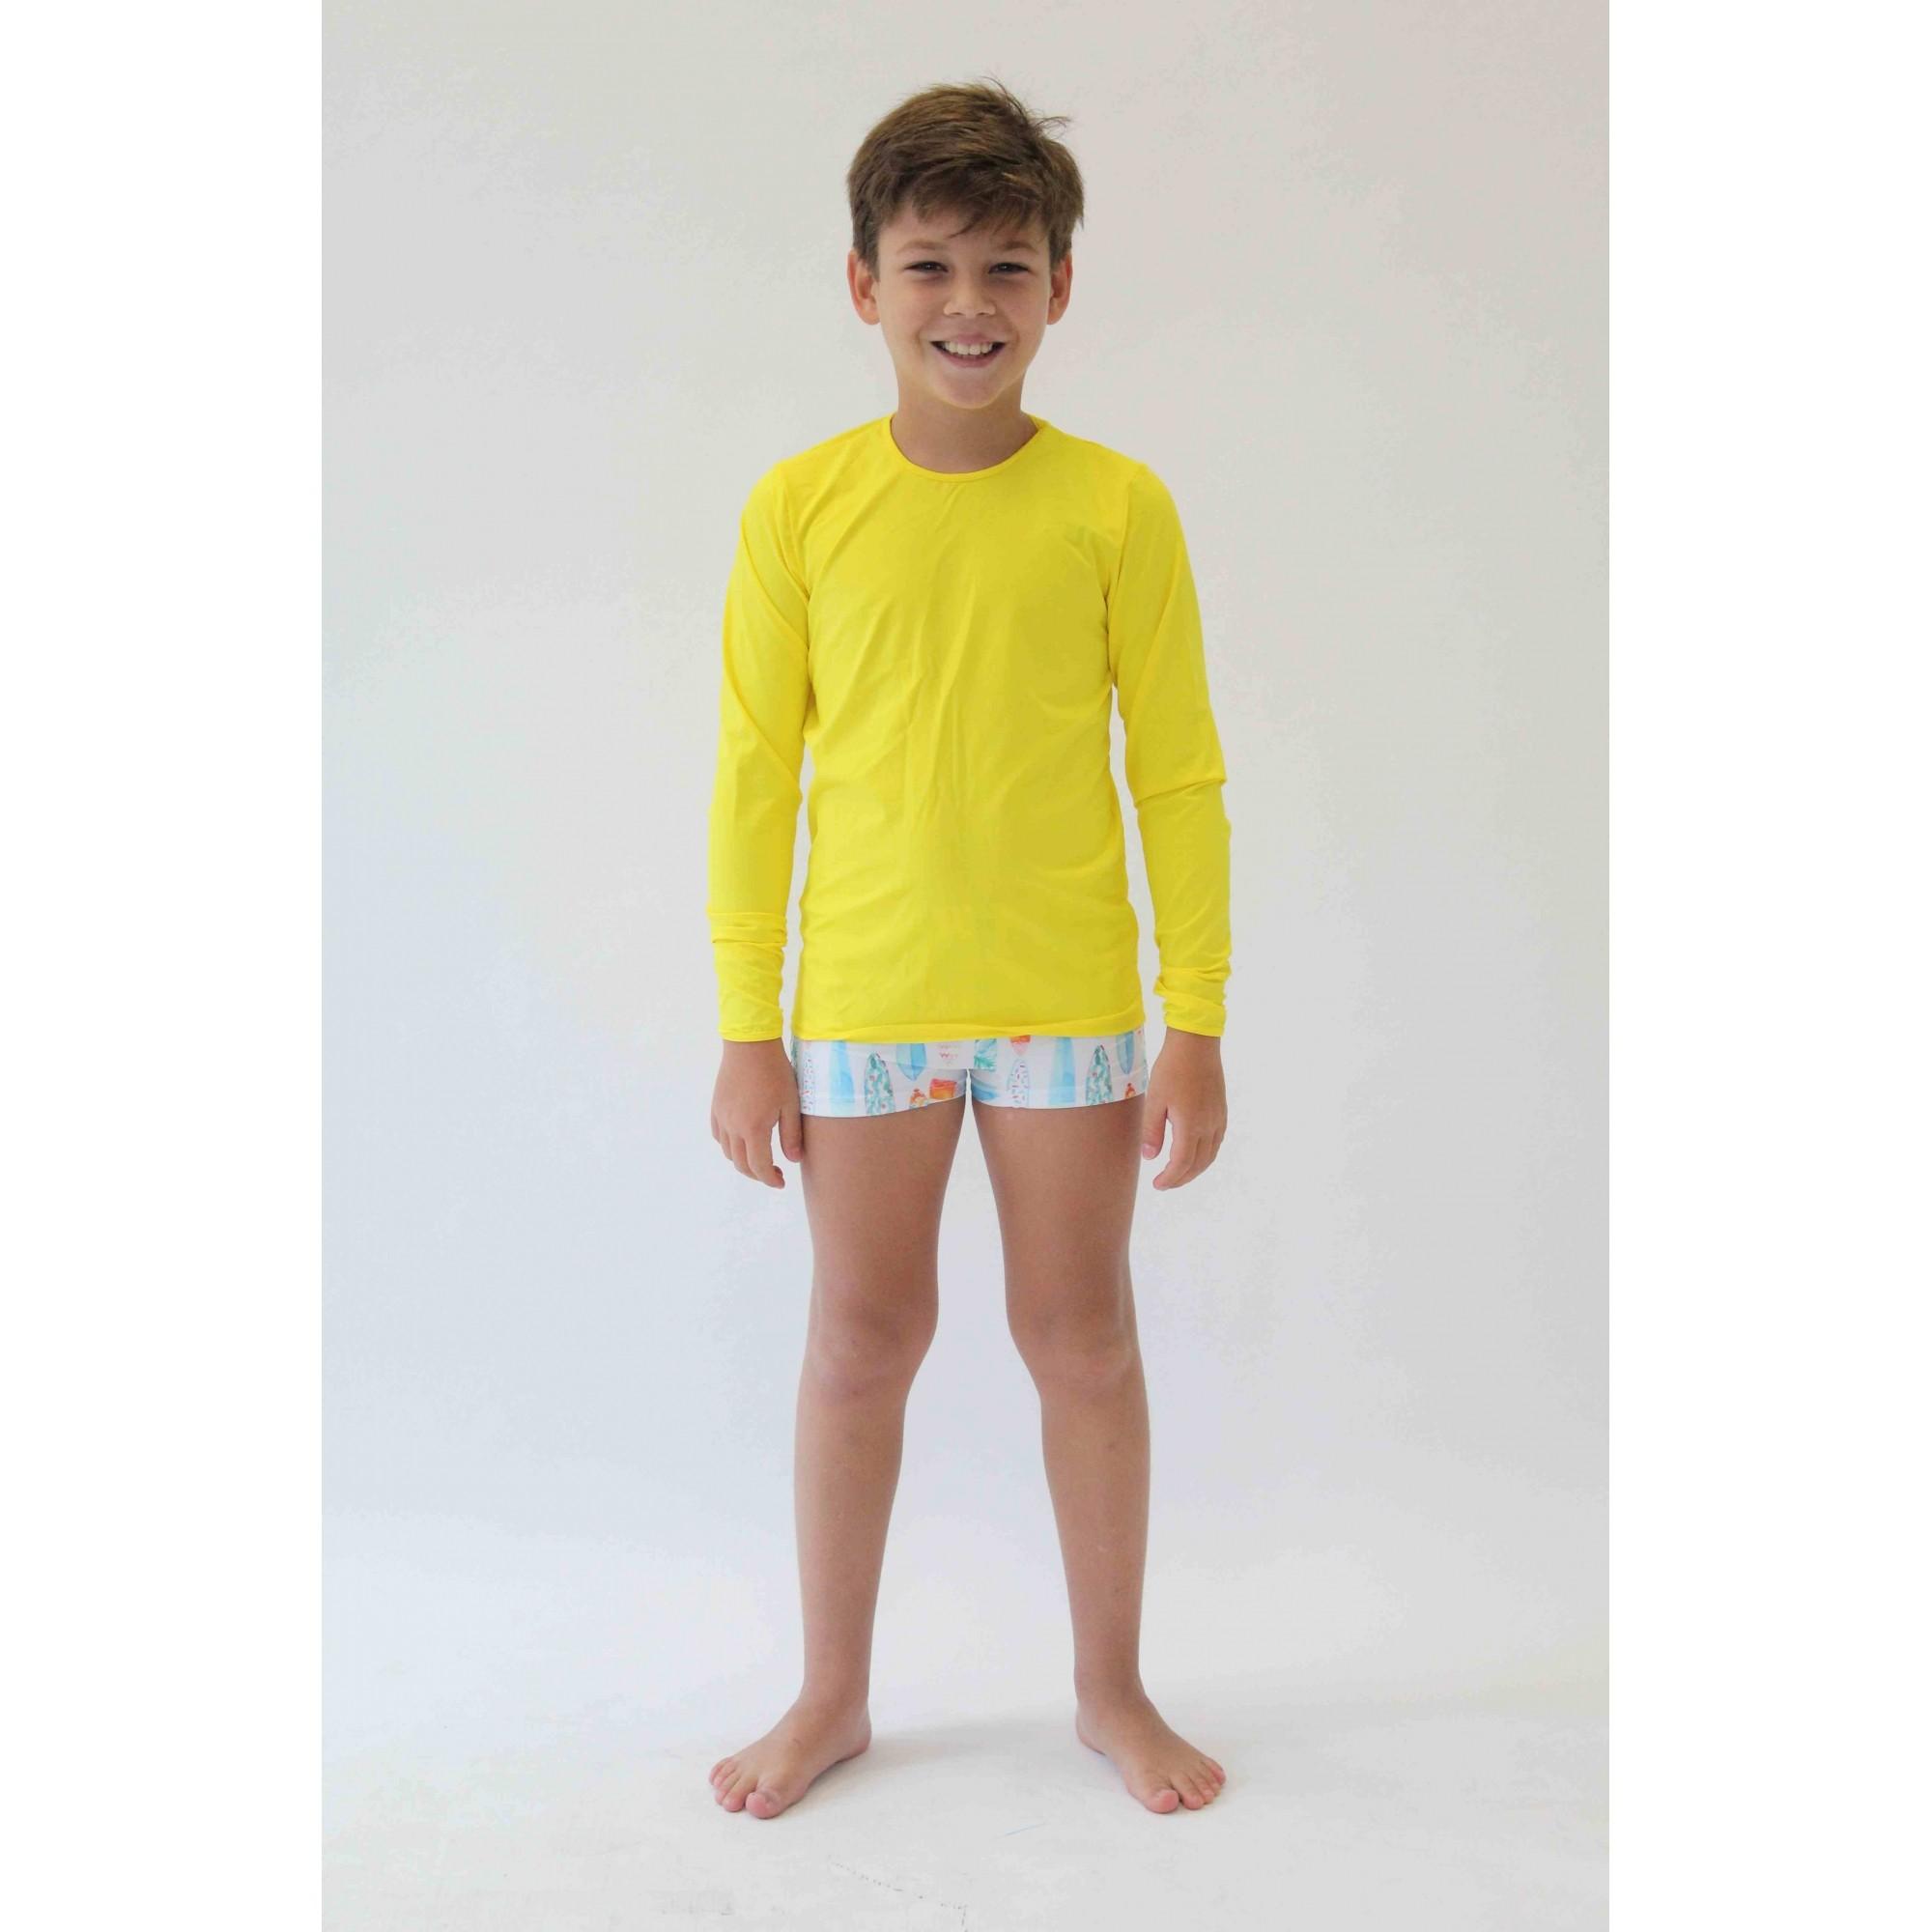 Camiseta de Proteção UPF50+ - Amarela